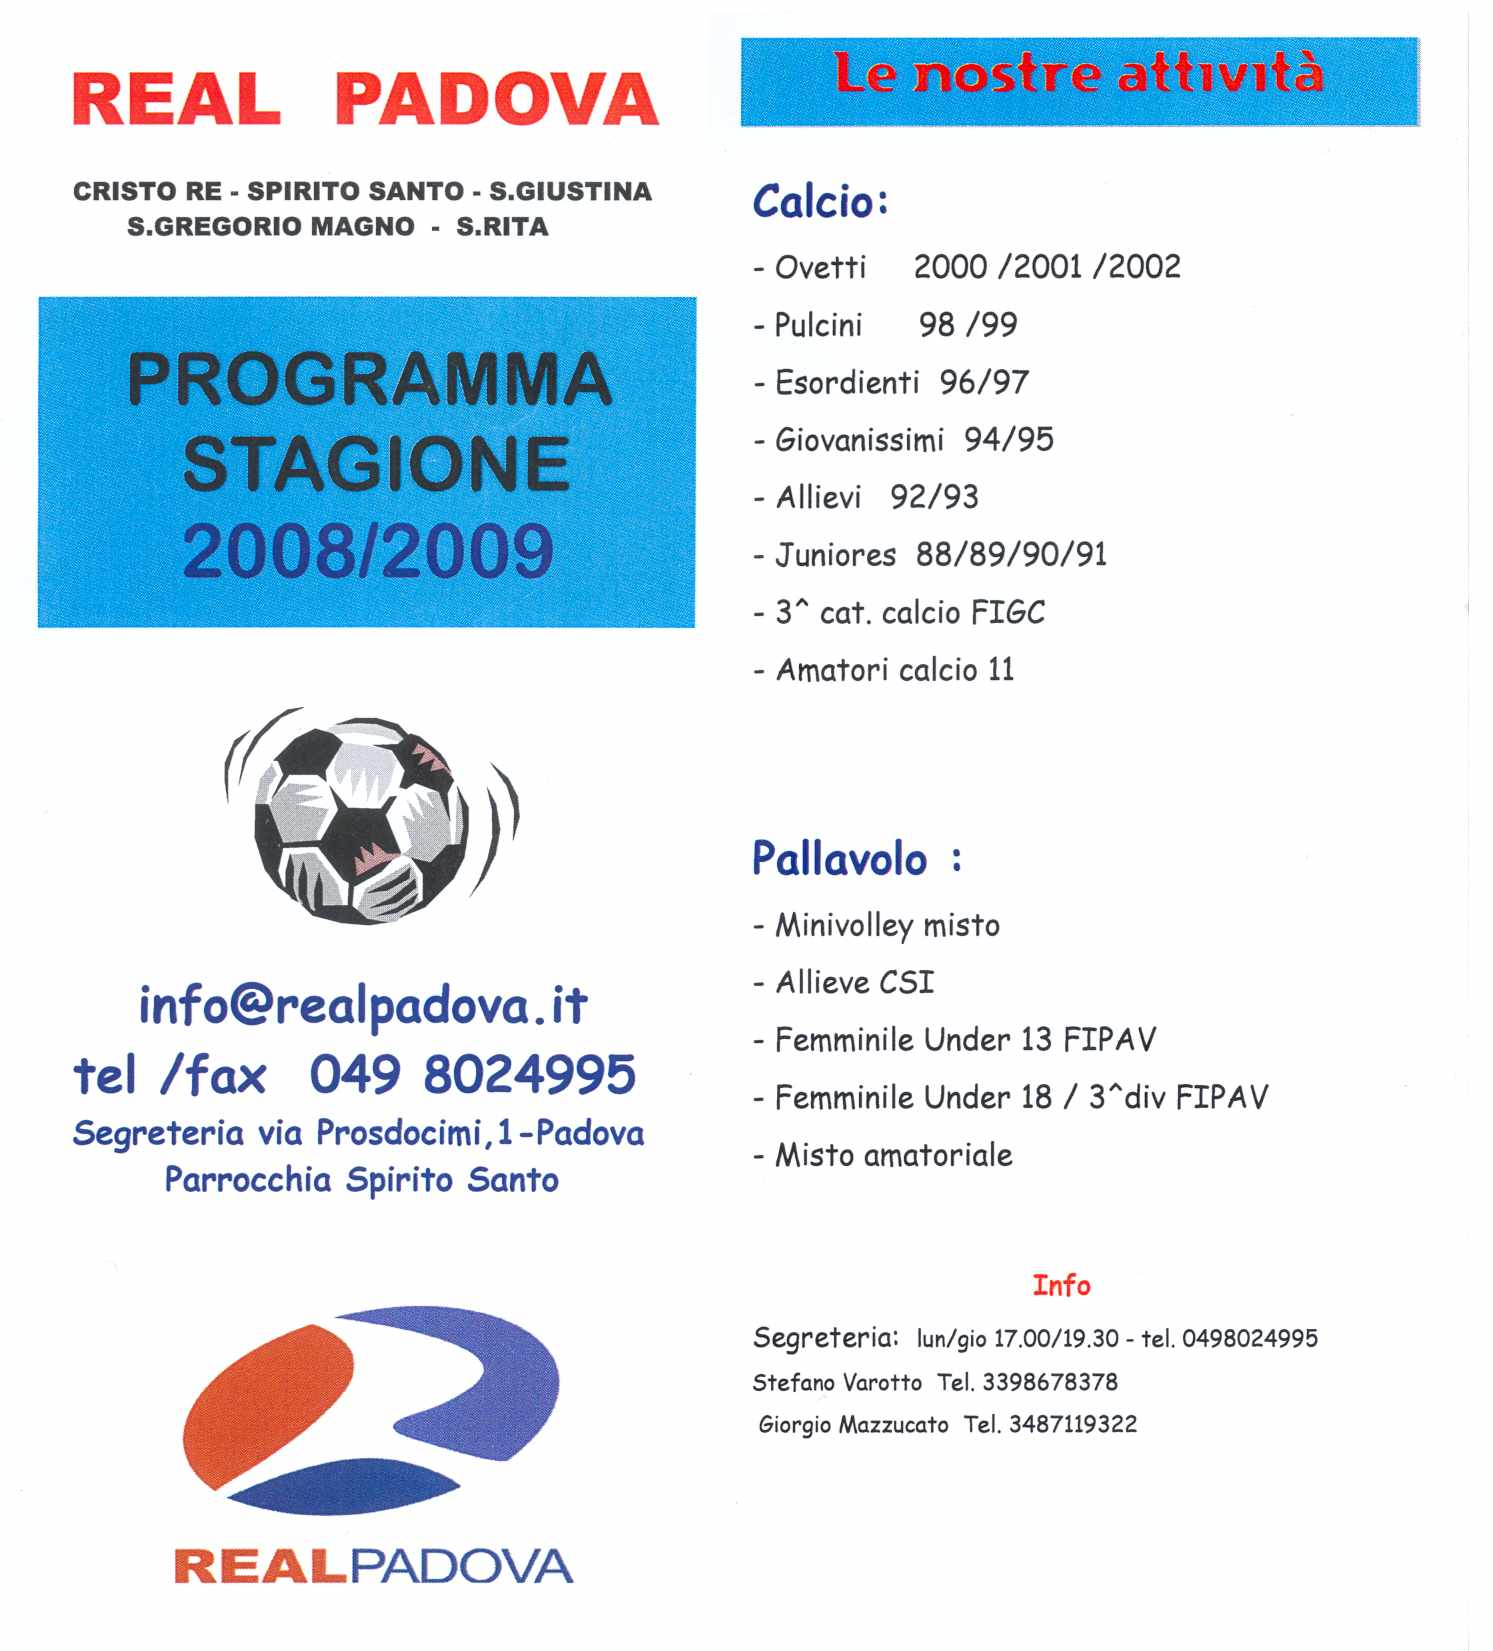 Calendario Calcio Padova.Attivita Sportiva